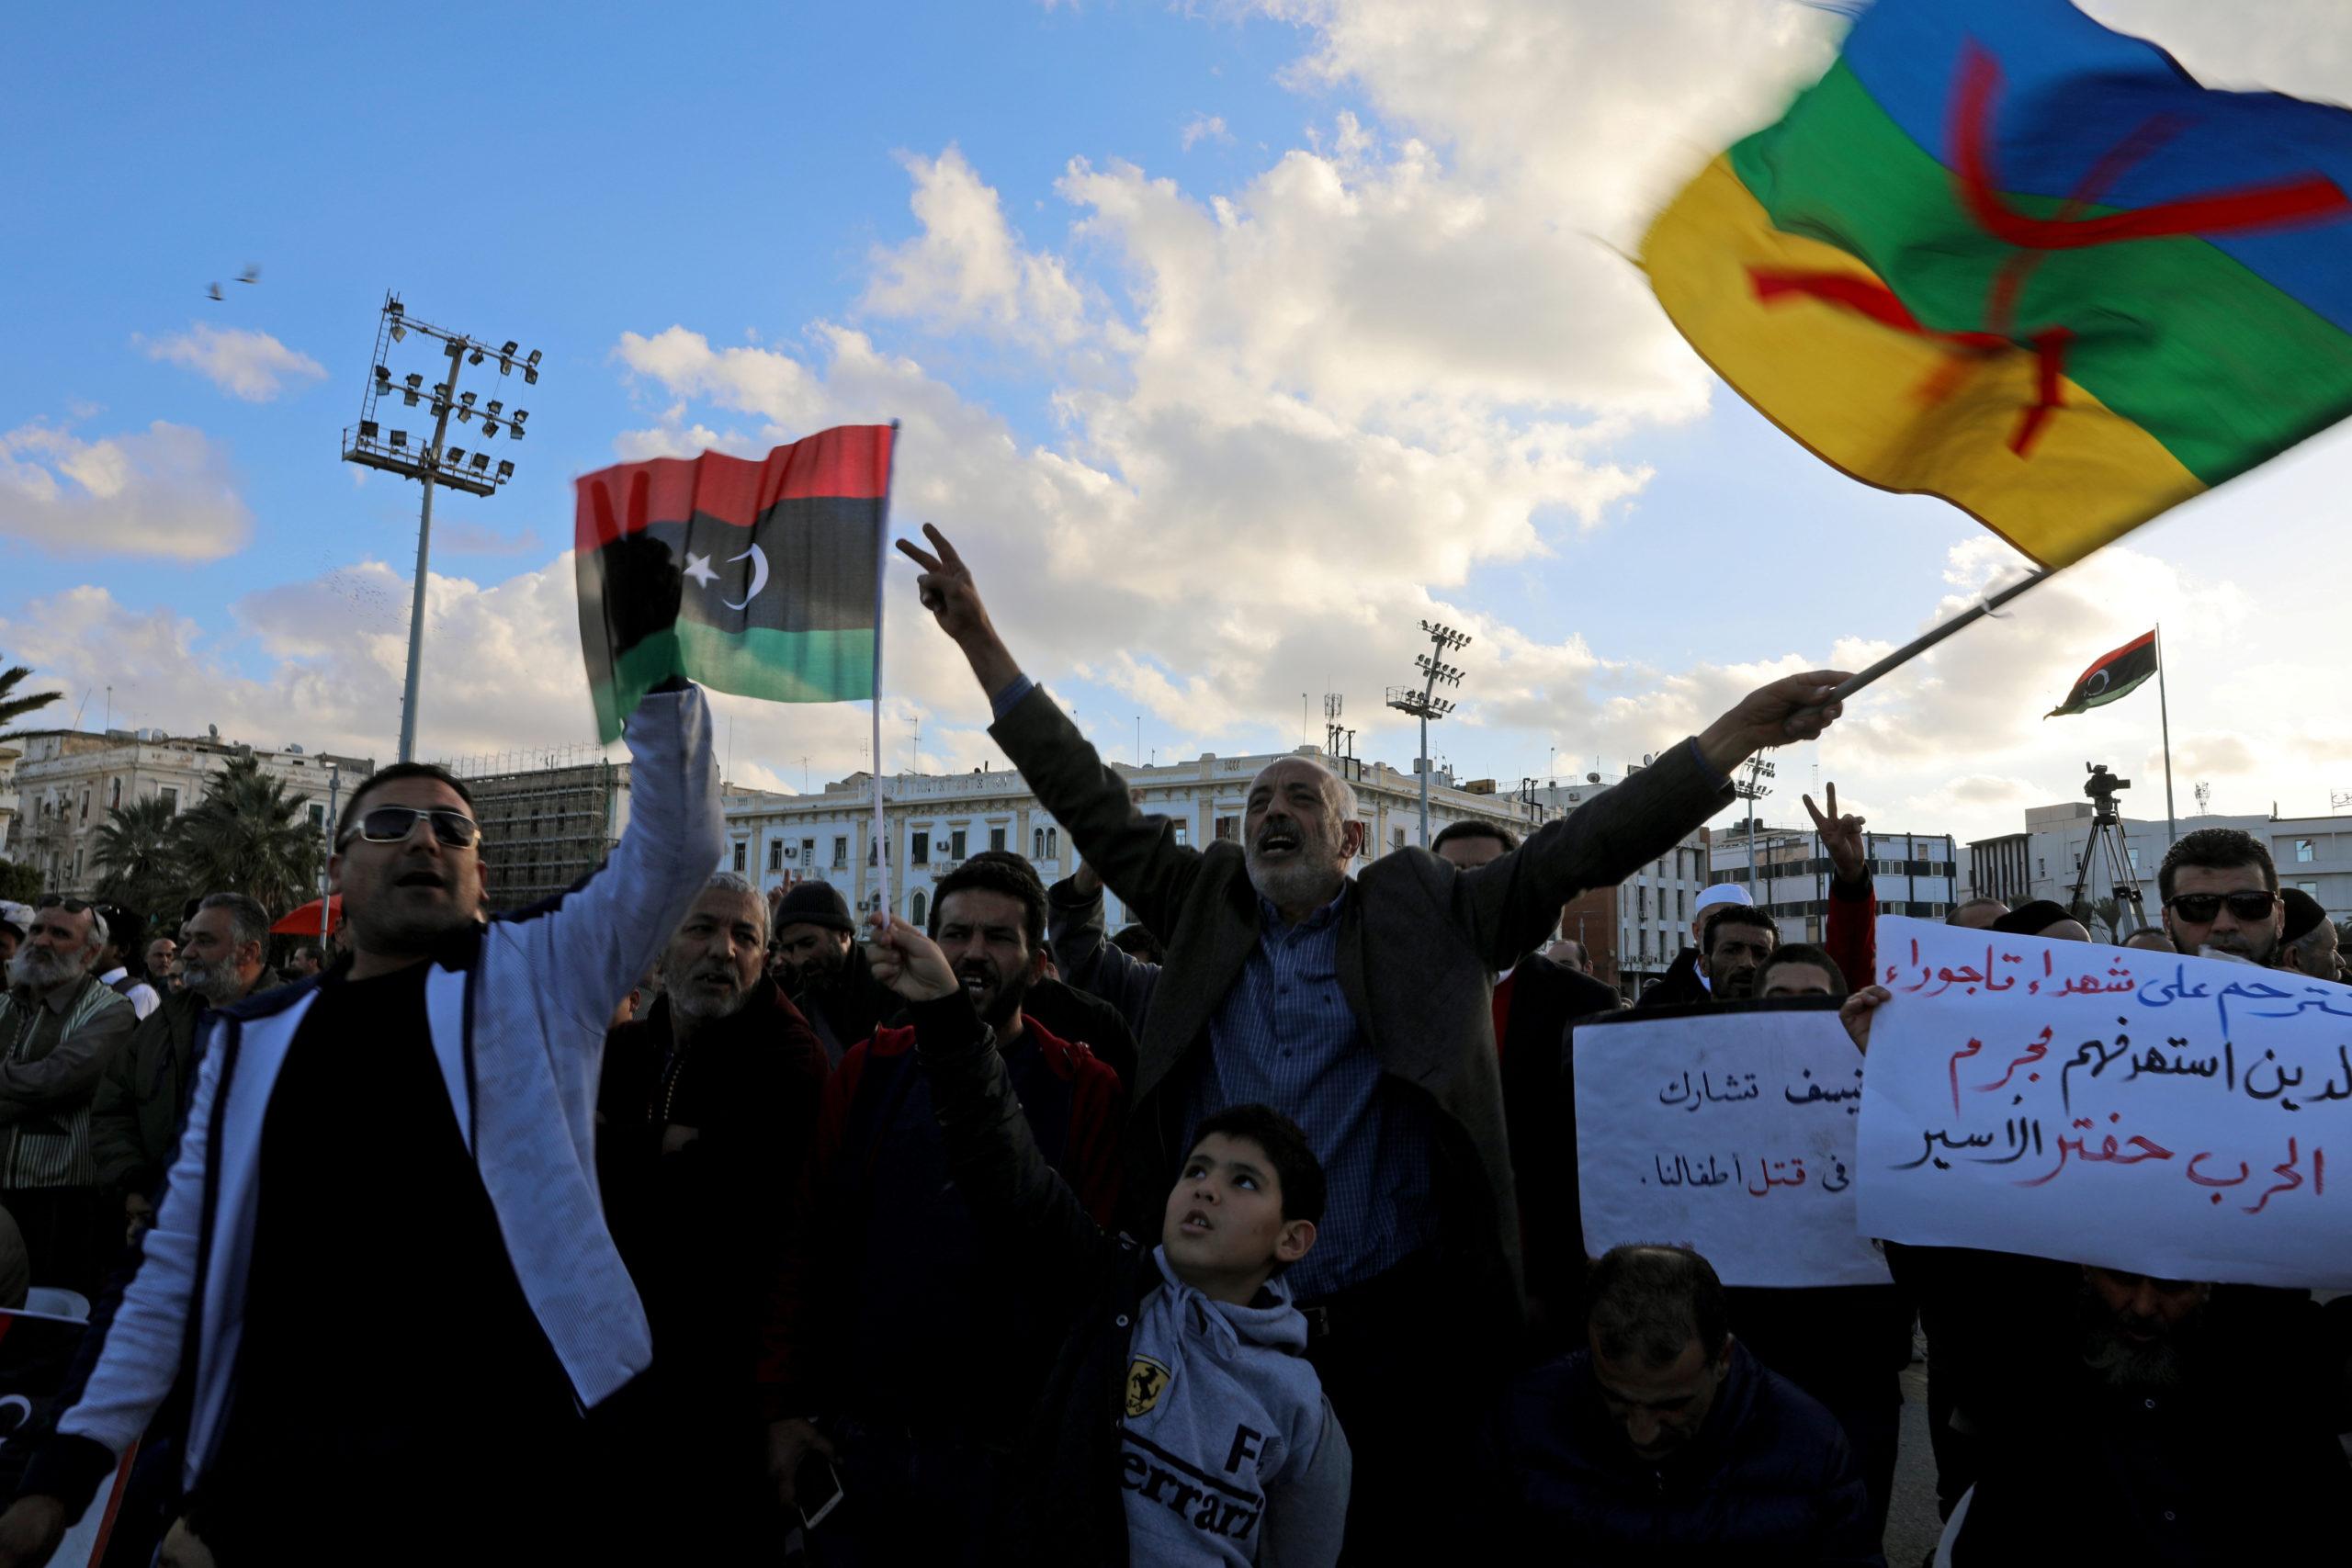 Una manifestazione per chiedere la fine dell'offensiva di Haftar contro Tripoli